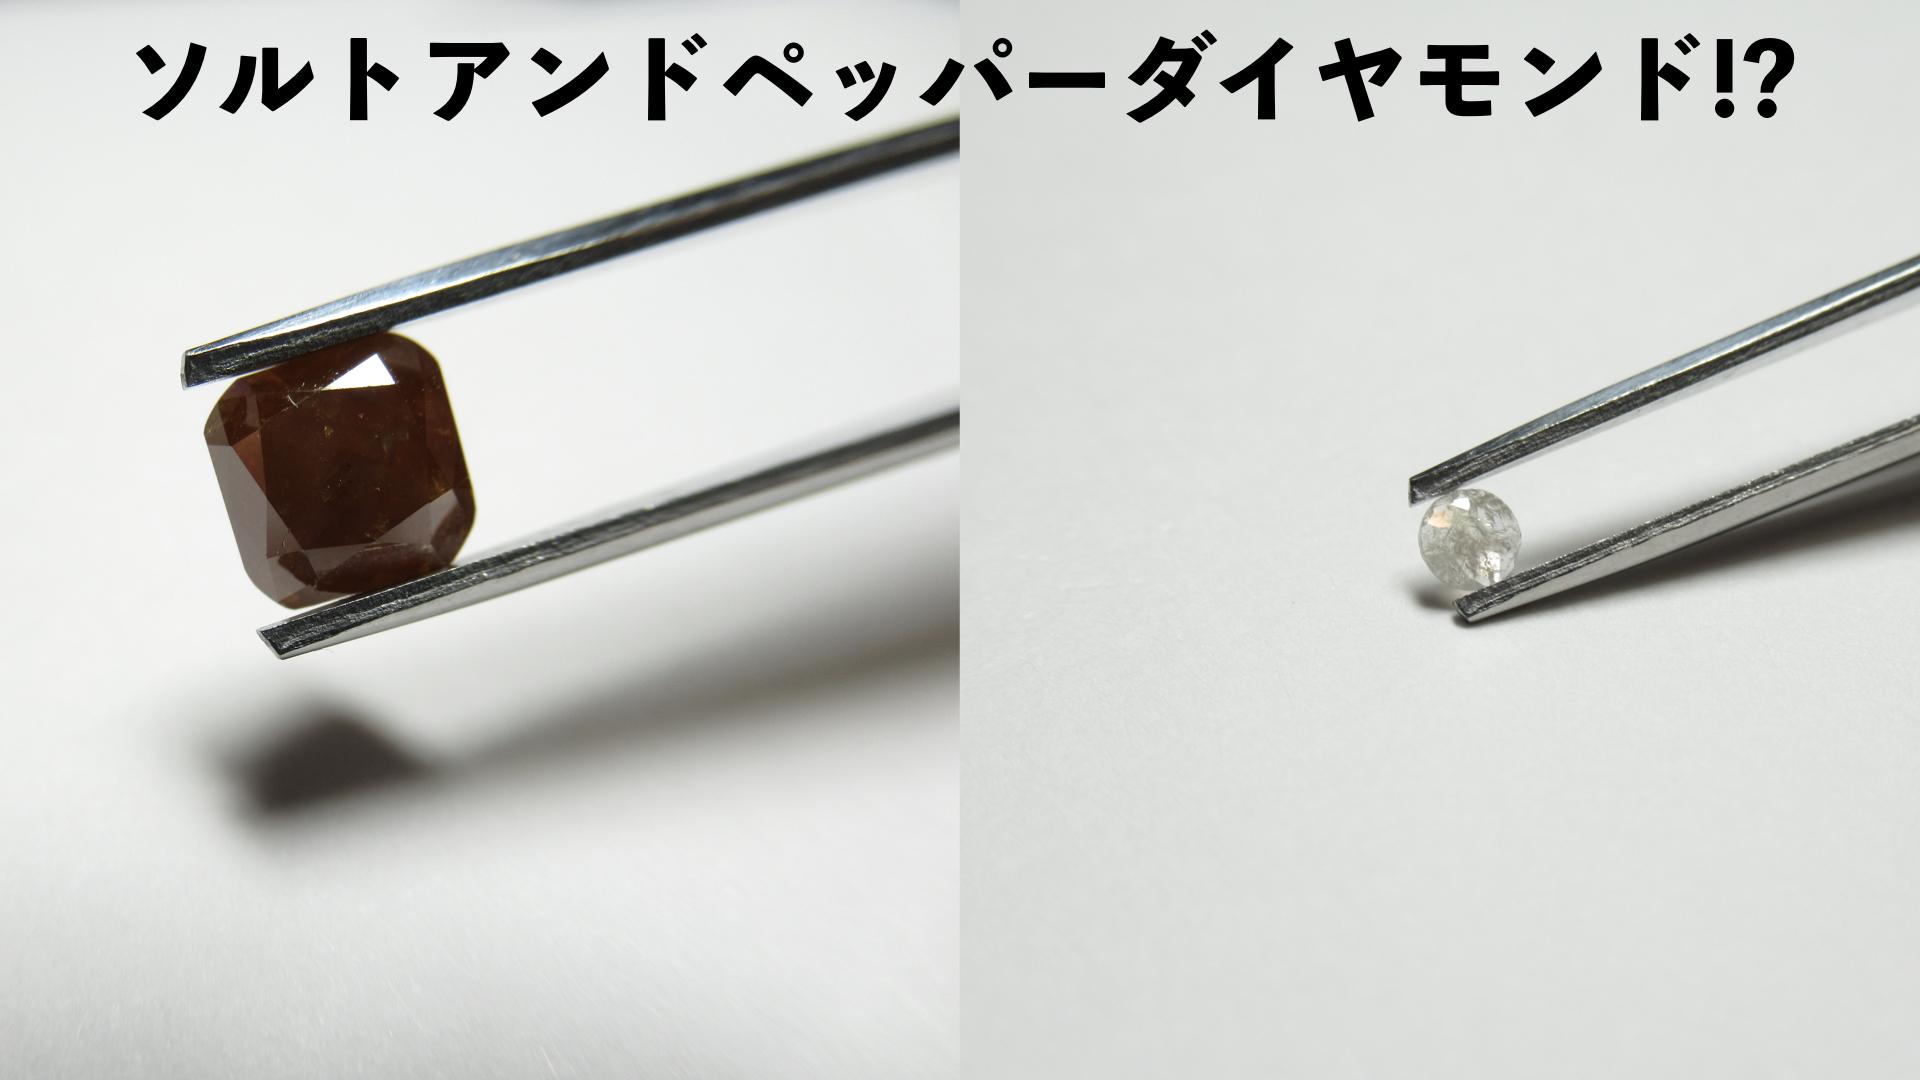 ソルトアンドペッパーダイヤモンド(Salt & Pepper Diamond)とナチュラルダイヤモンド(Natural Diamond)についての説明